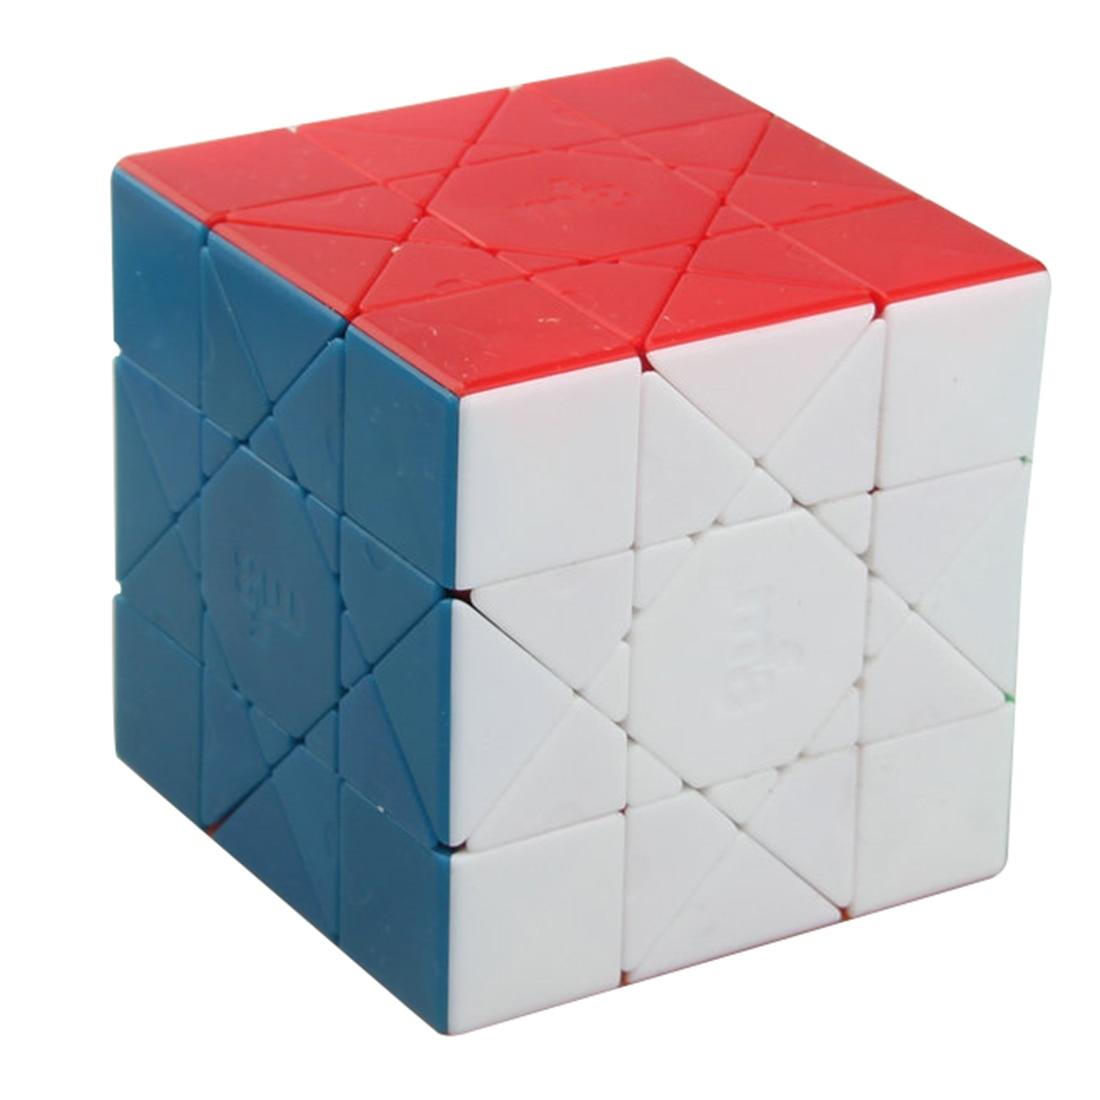 MF8 Soleil Cube Casse-tête Légende 3x3x3 Magique Cube Puzzle Jouet-Coloré